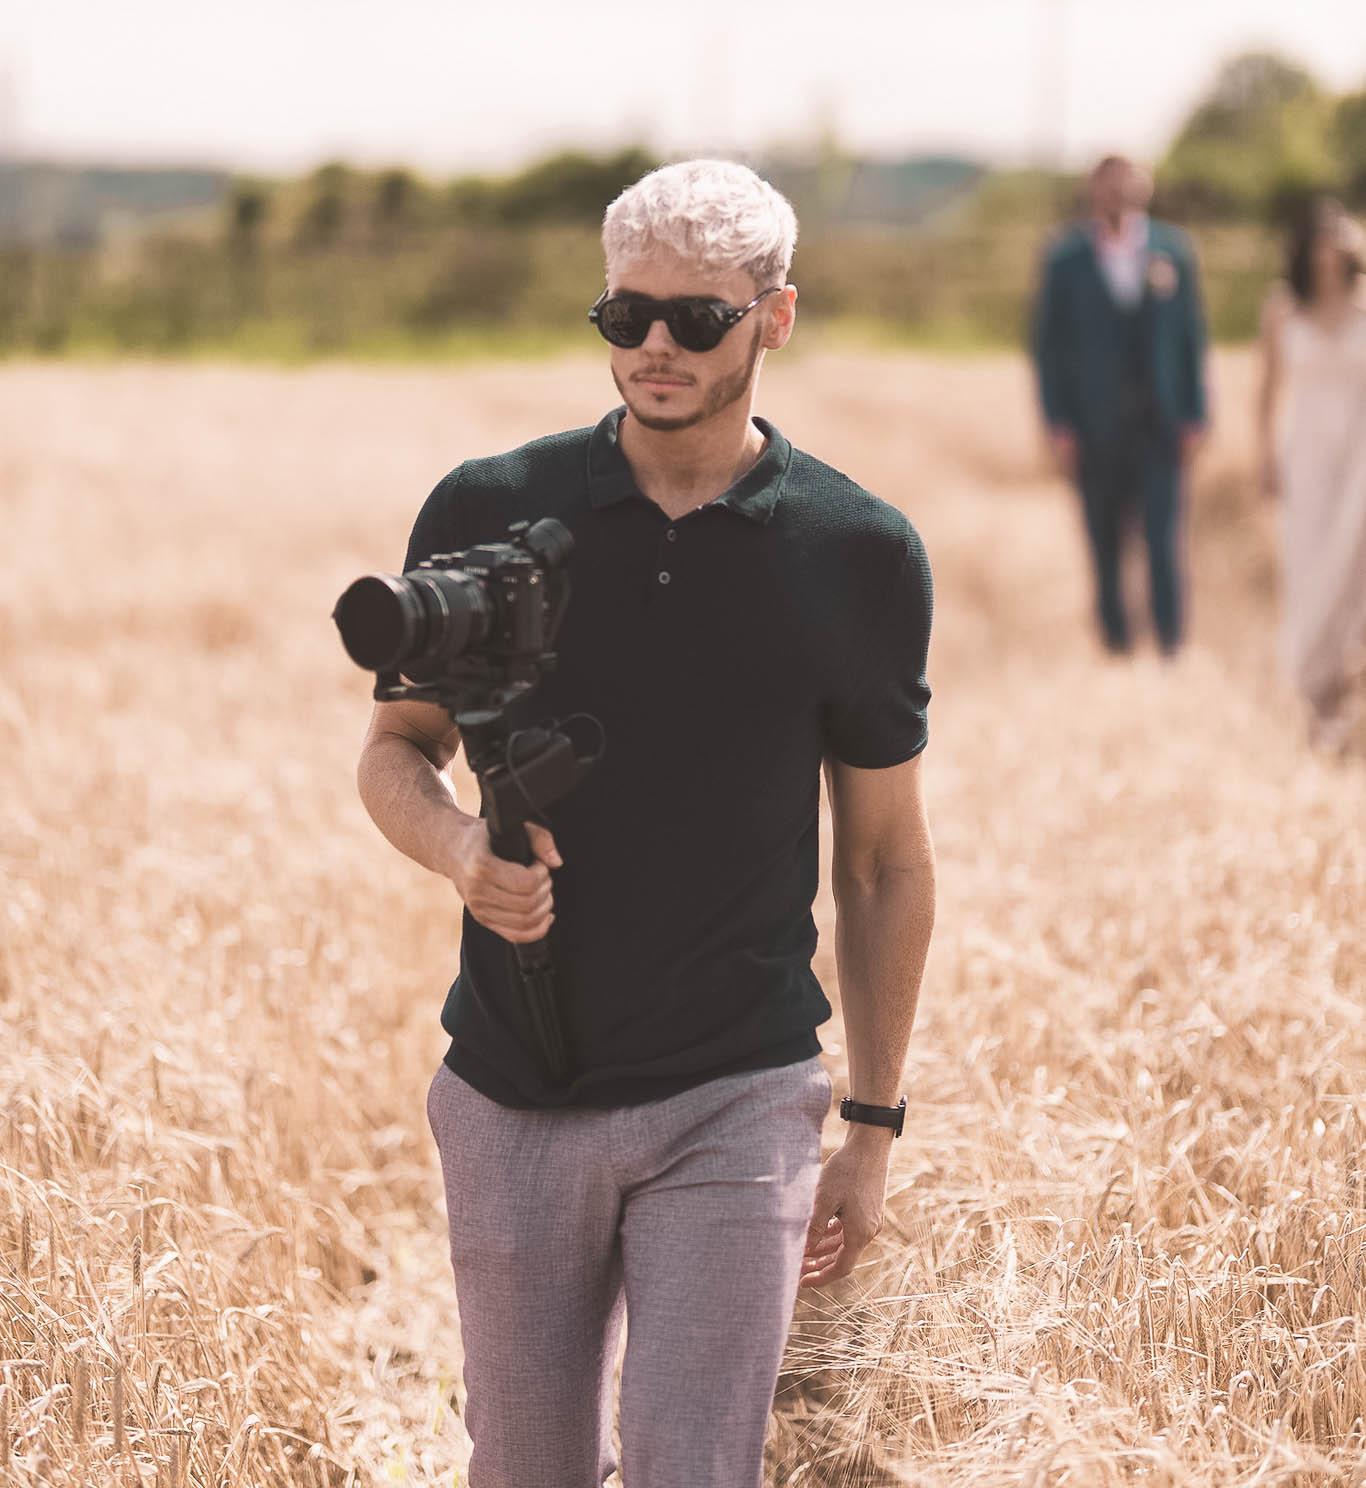 Jack Parry - Owner of JP Video Kent